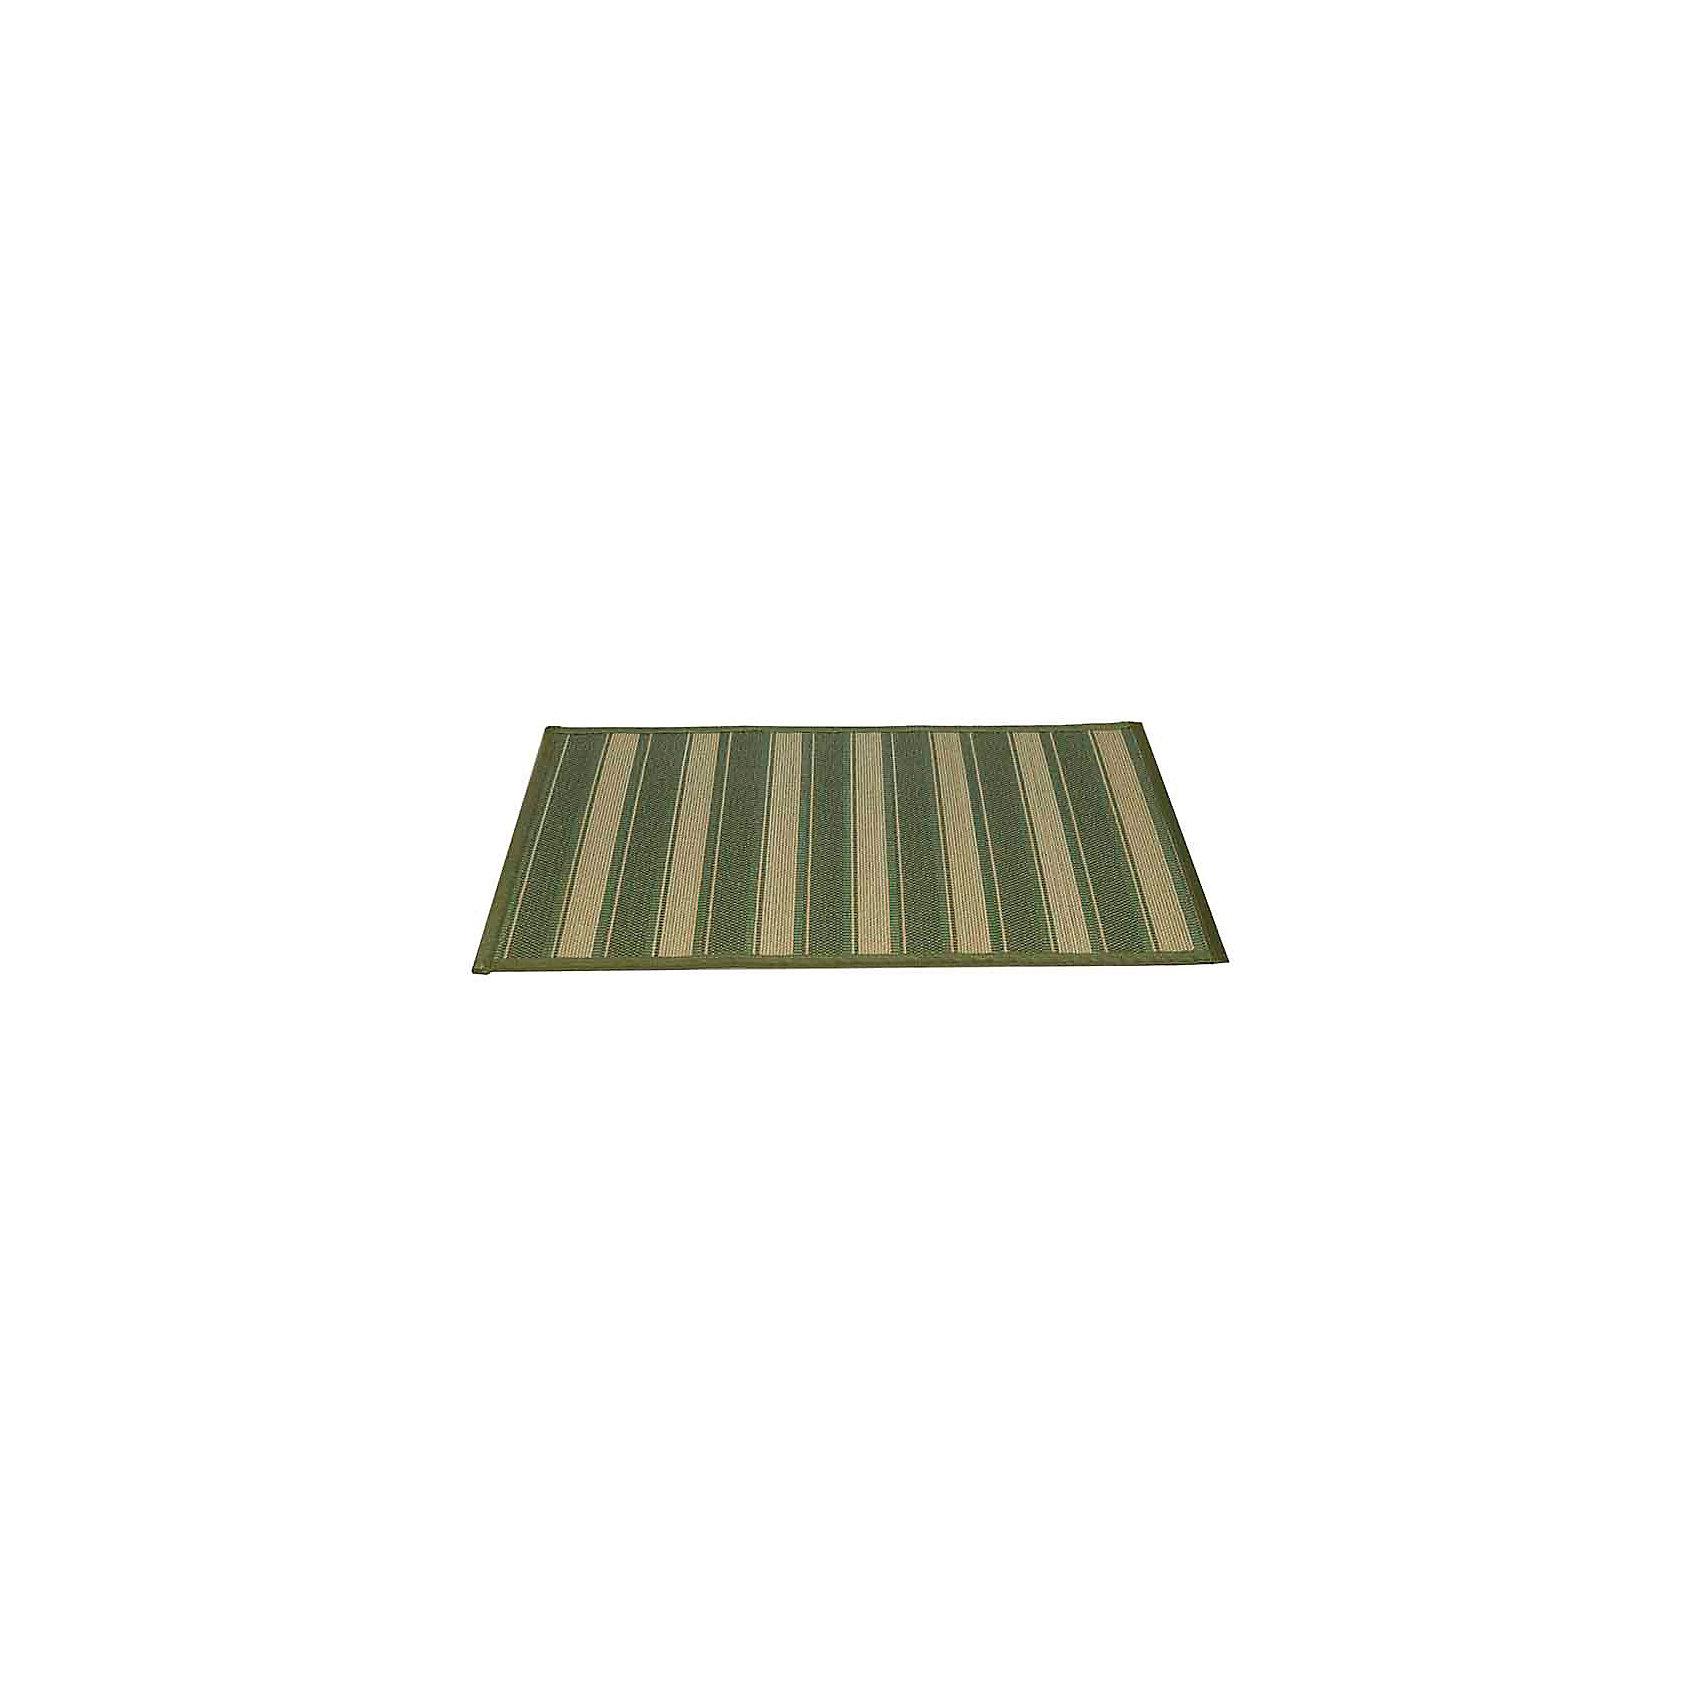 Циновка 500х800мм бамбук, Amigo, зеленый